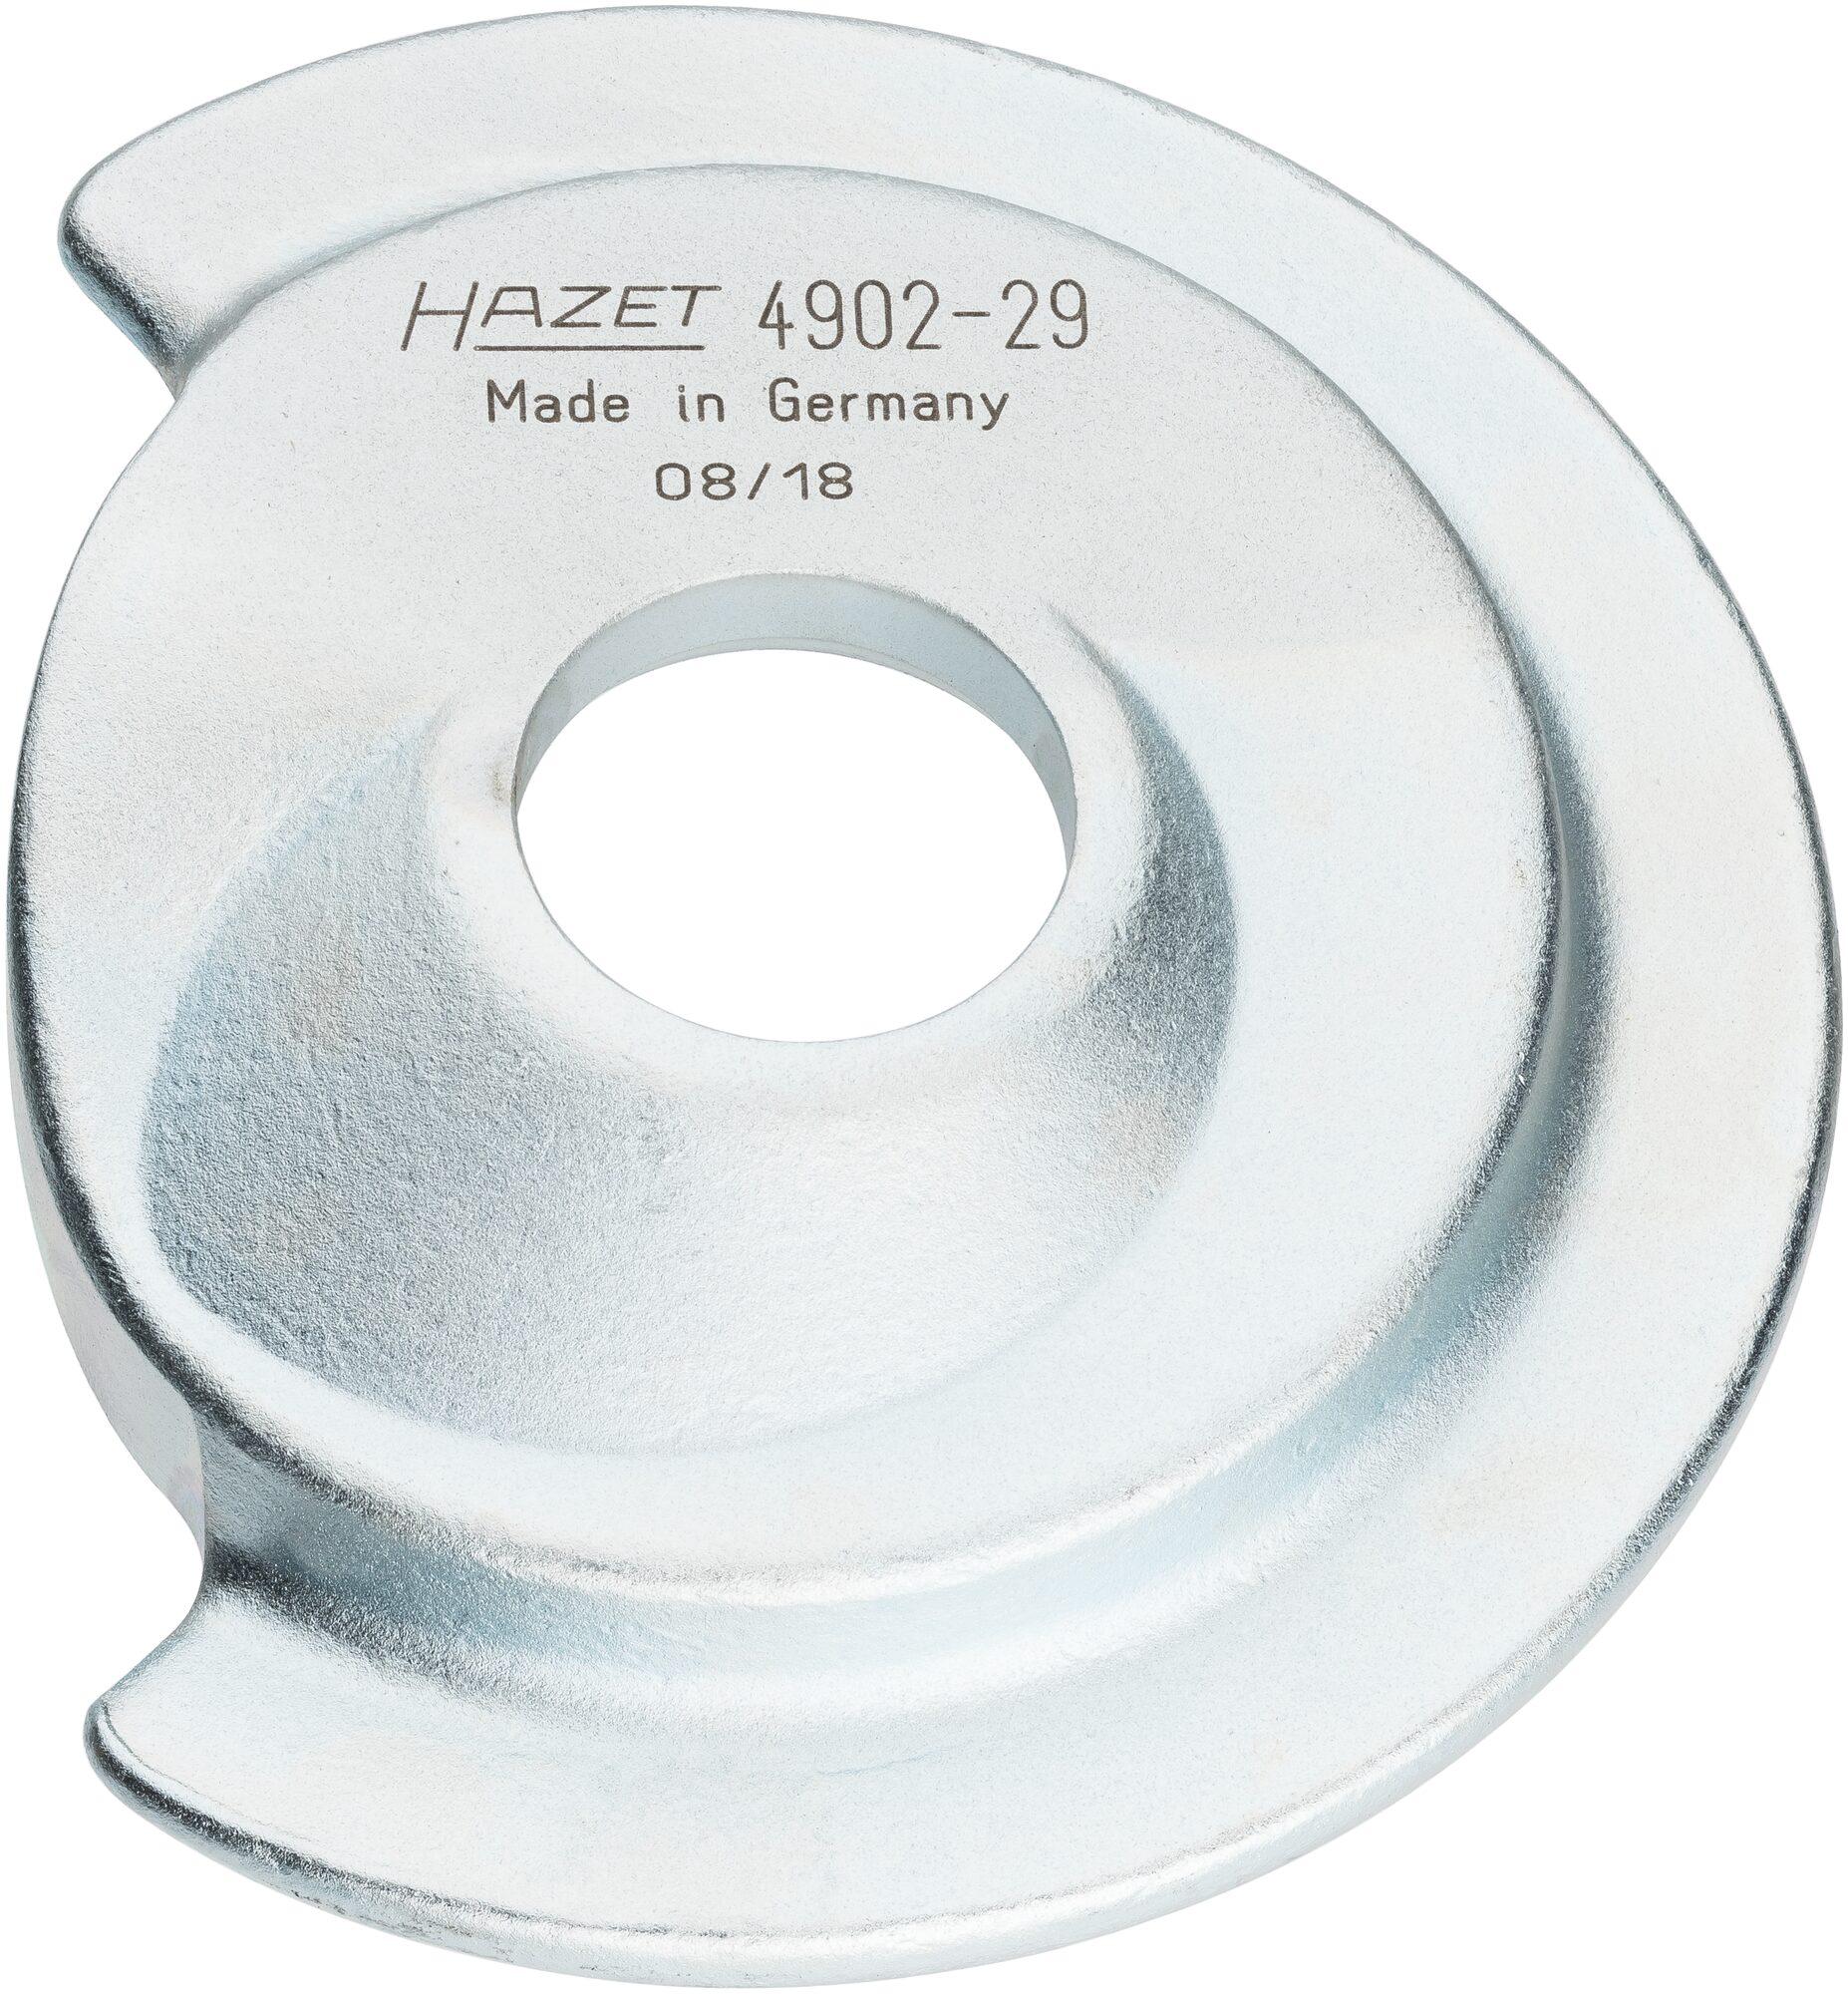 HAZET Spannplatte 4902-29